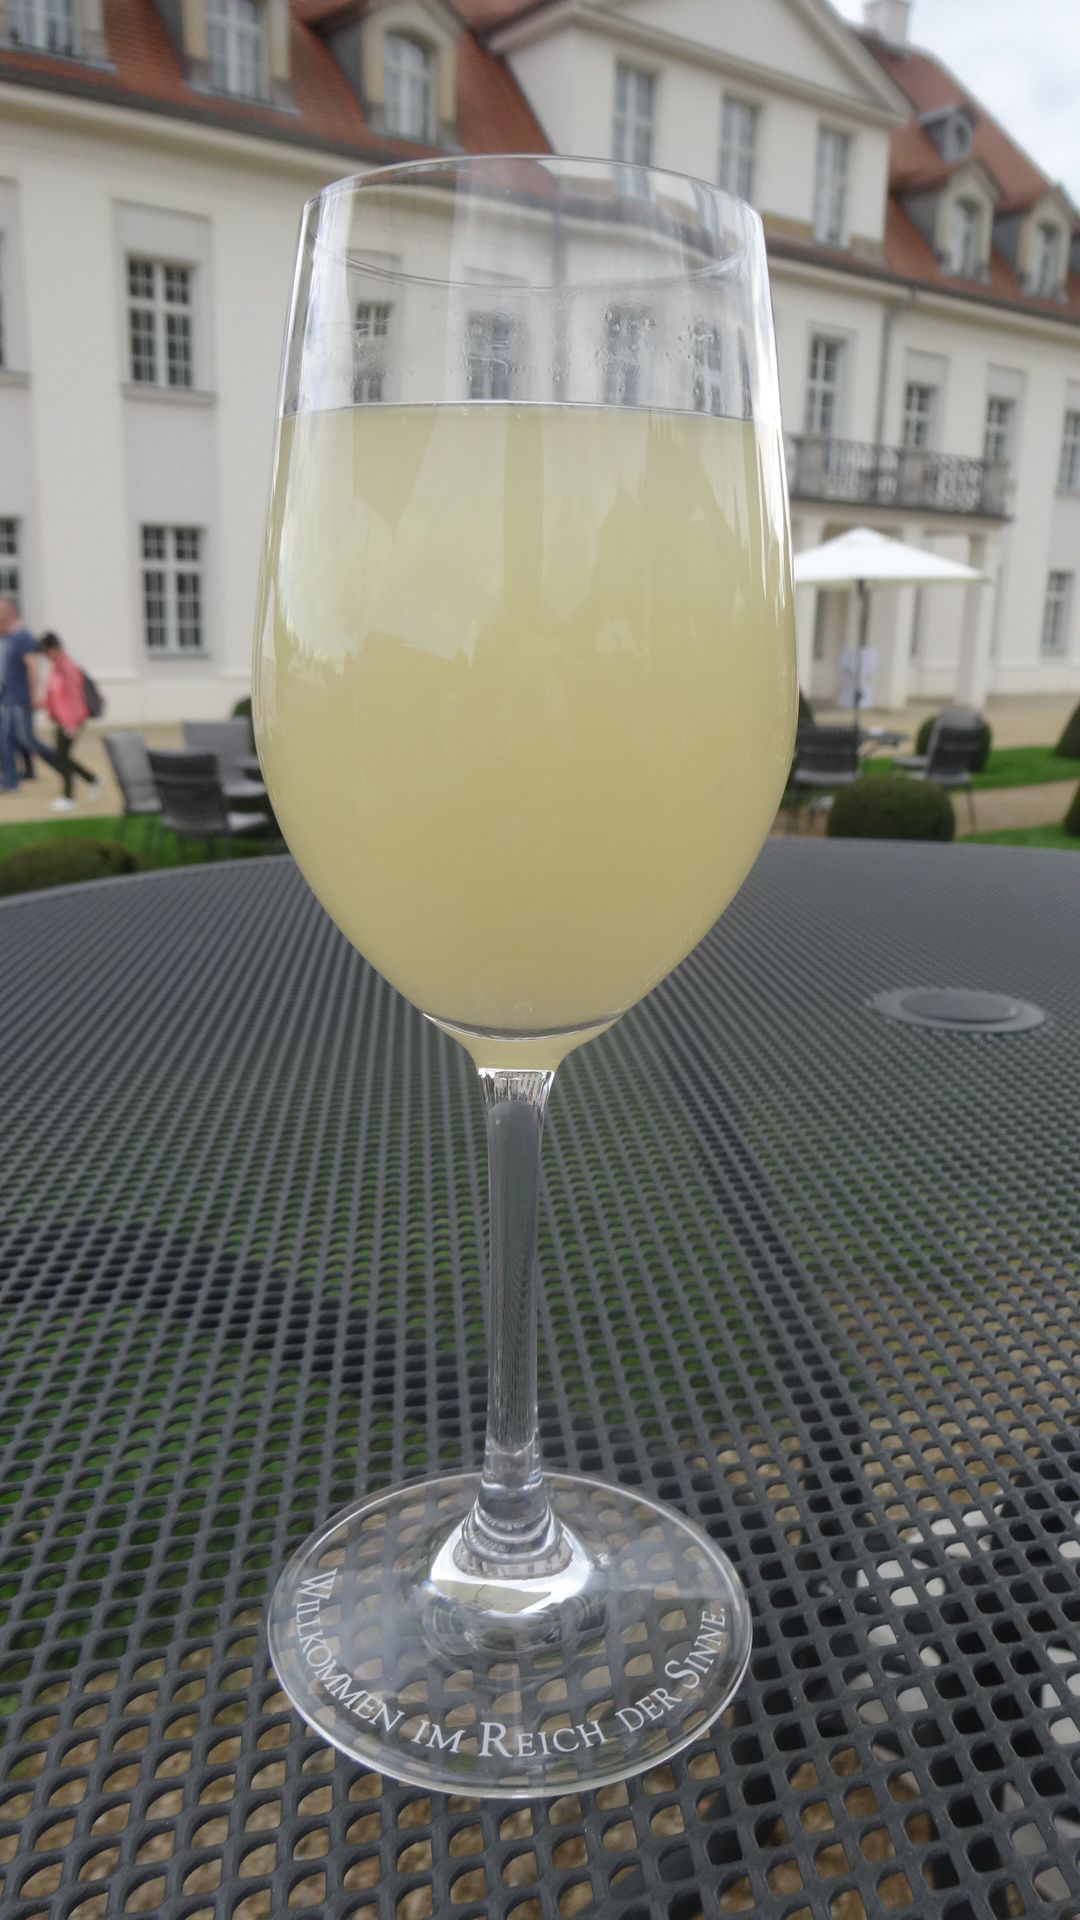 新酒が注がれたグラス